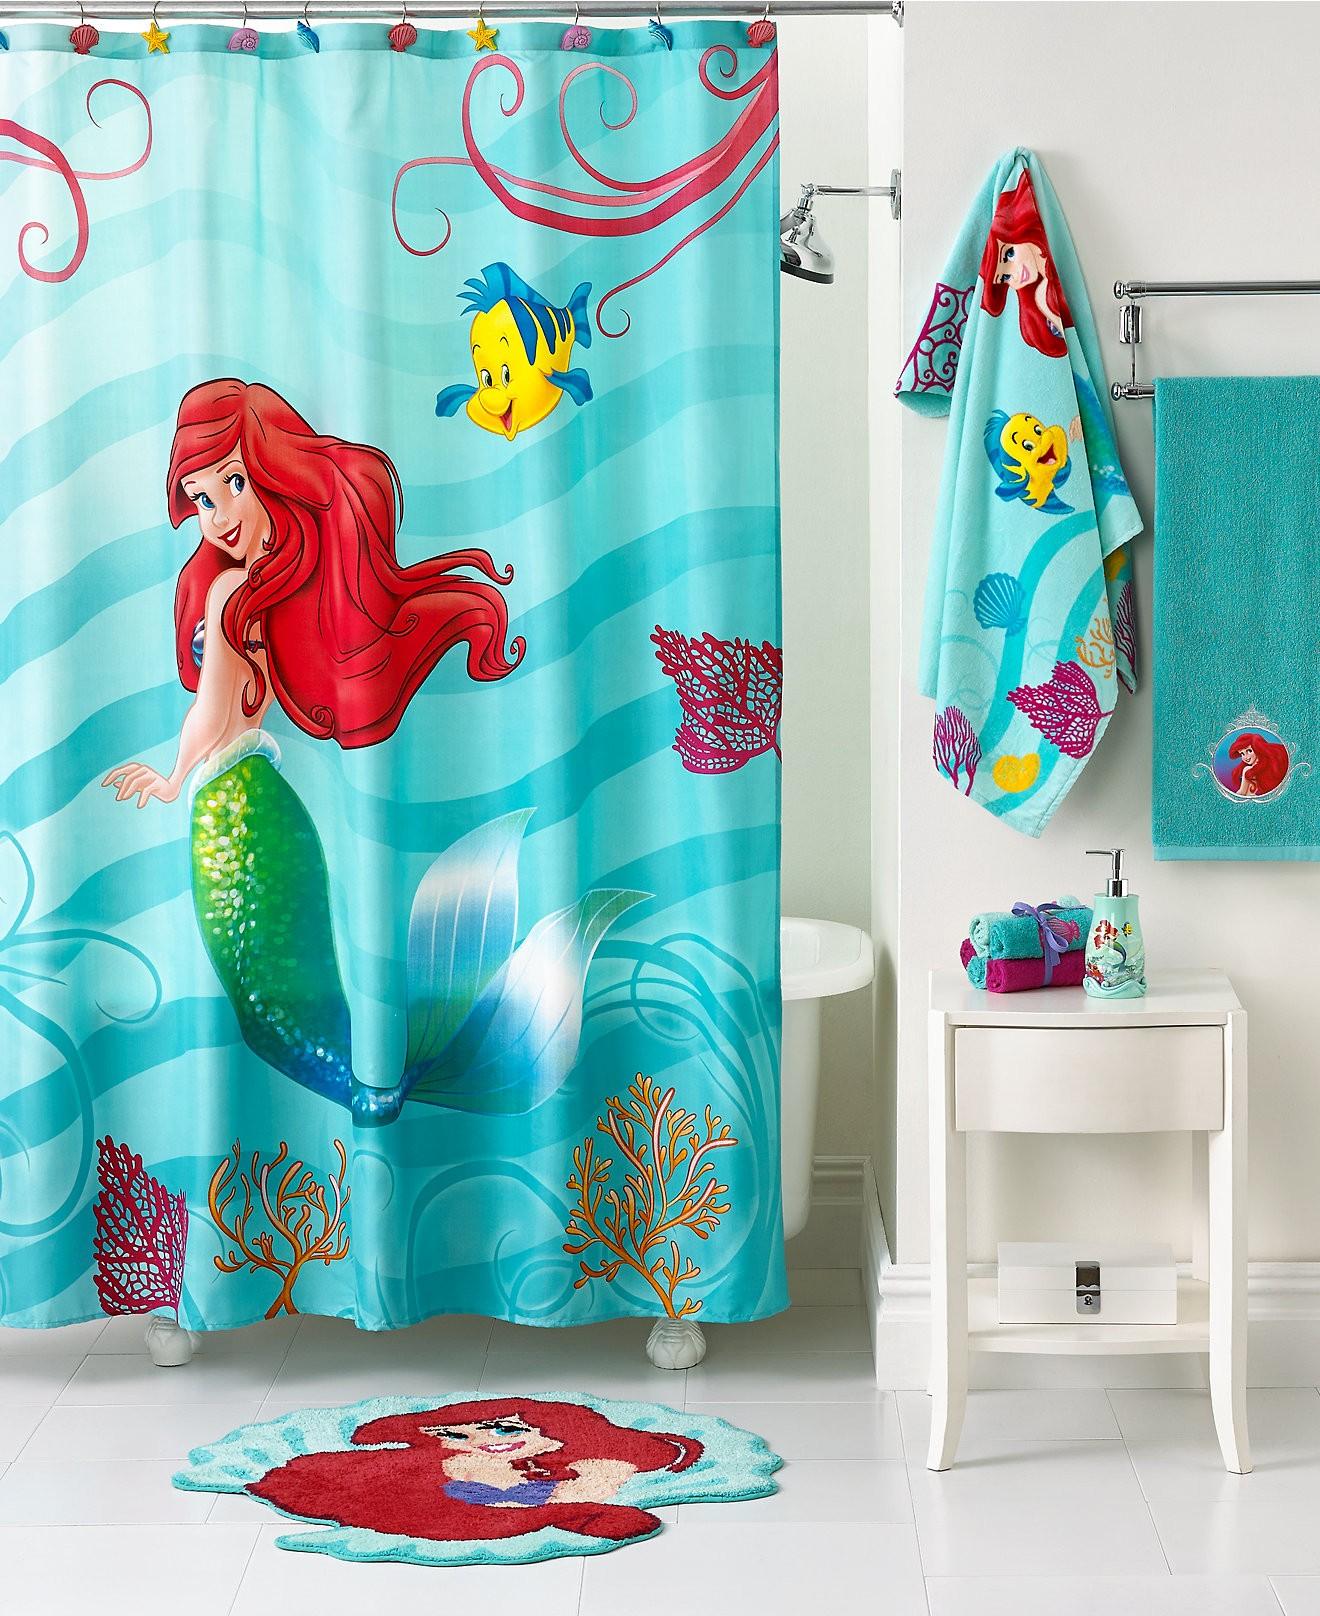 Cool Disney Bathroom Sets Wallpaper